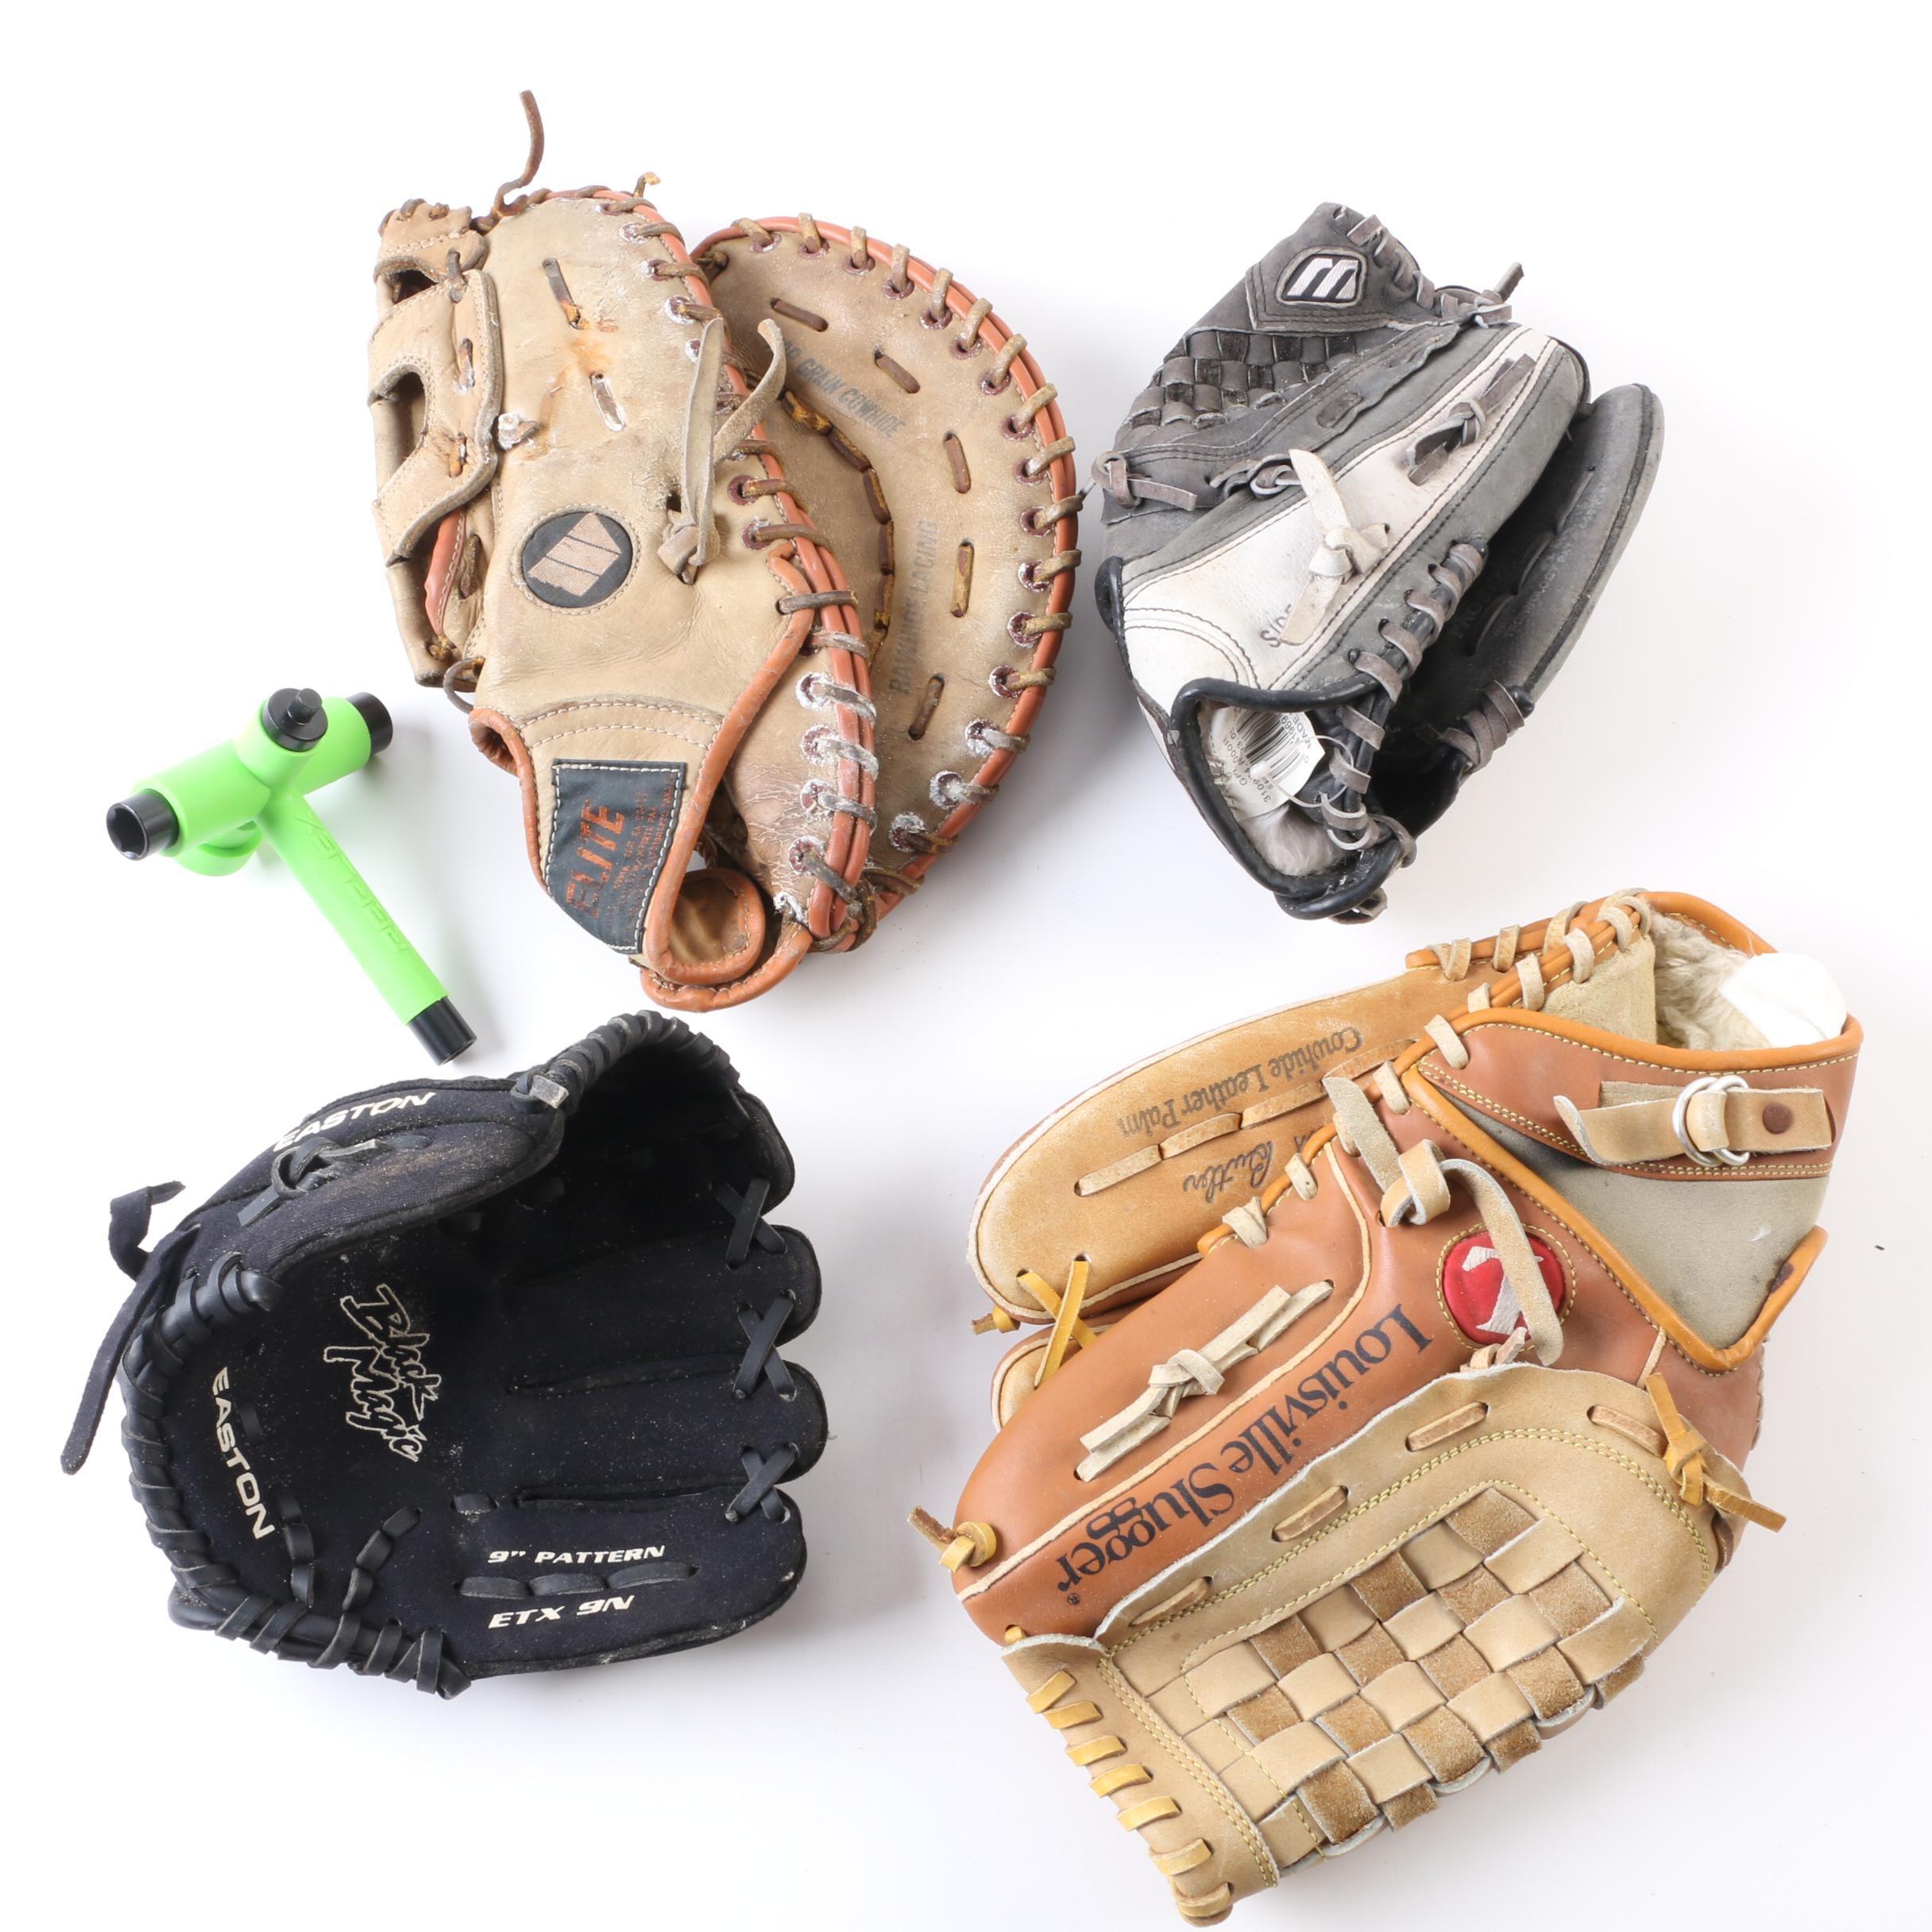 Baseball Gloves and Sprinkler Nozzle